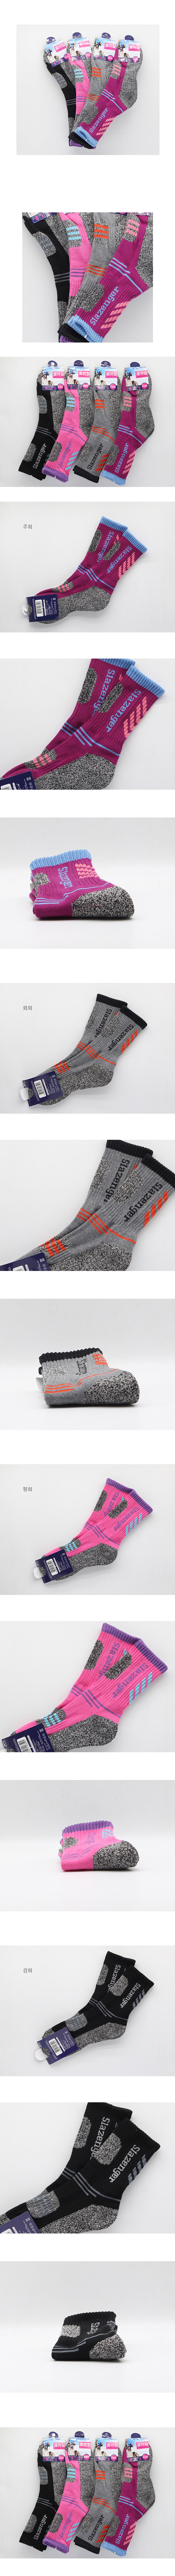 여자 슬레이진져 등산양말 3켤레 CH1385083 - 익스트리모, 7,120원, 등산용품, 등산의류/패션잡화